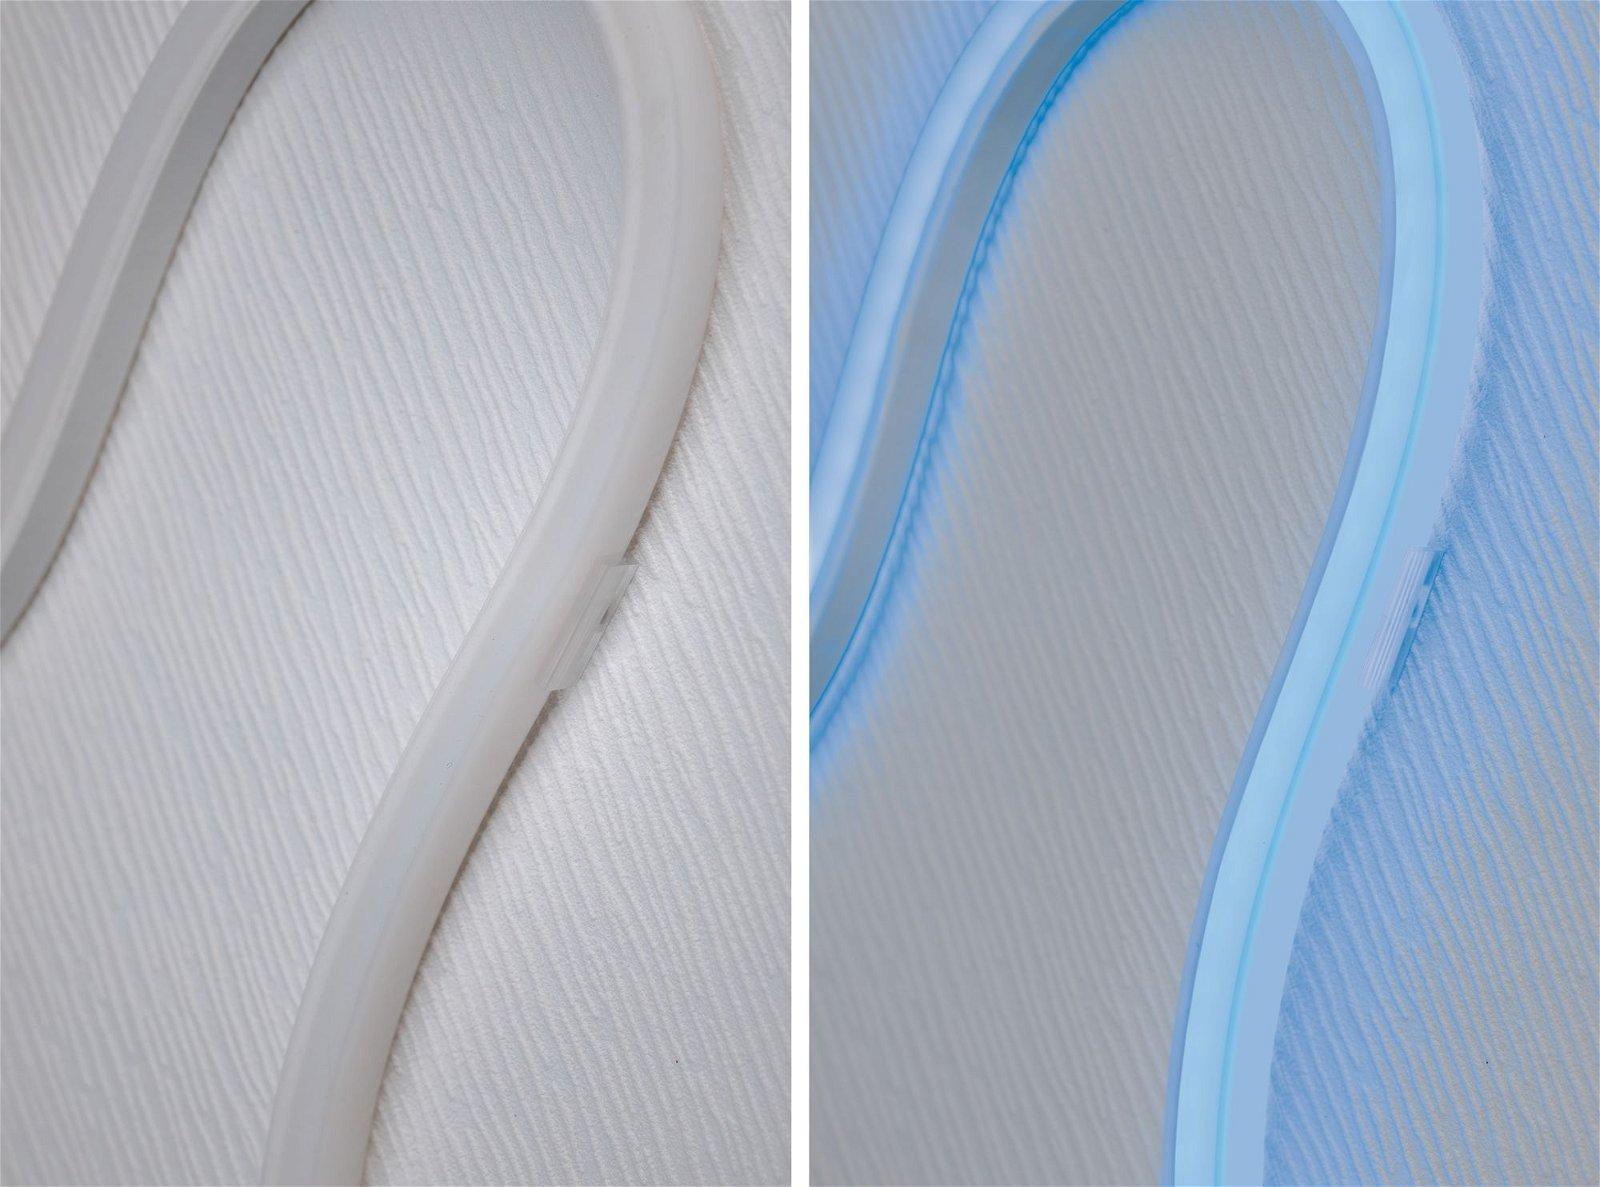 MaxLED Flow LED Strip RGB 1,5m 13,5W 600lm RGB 24VA